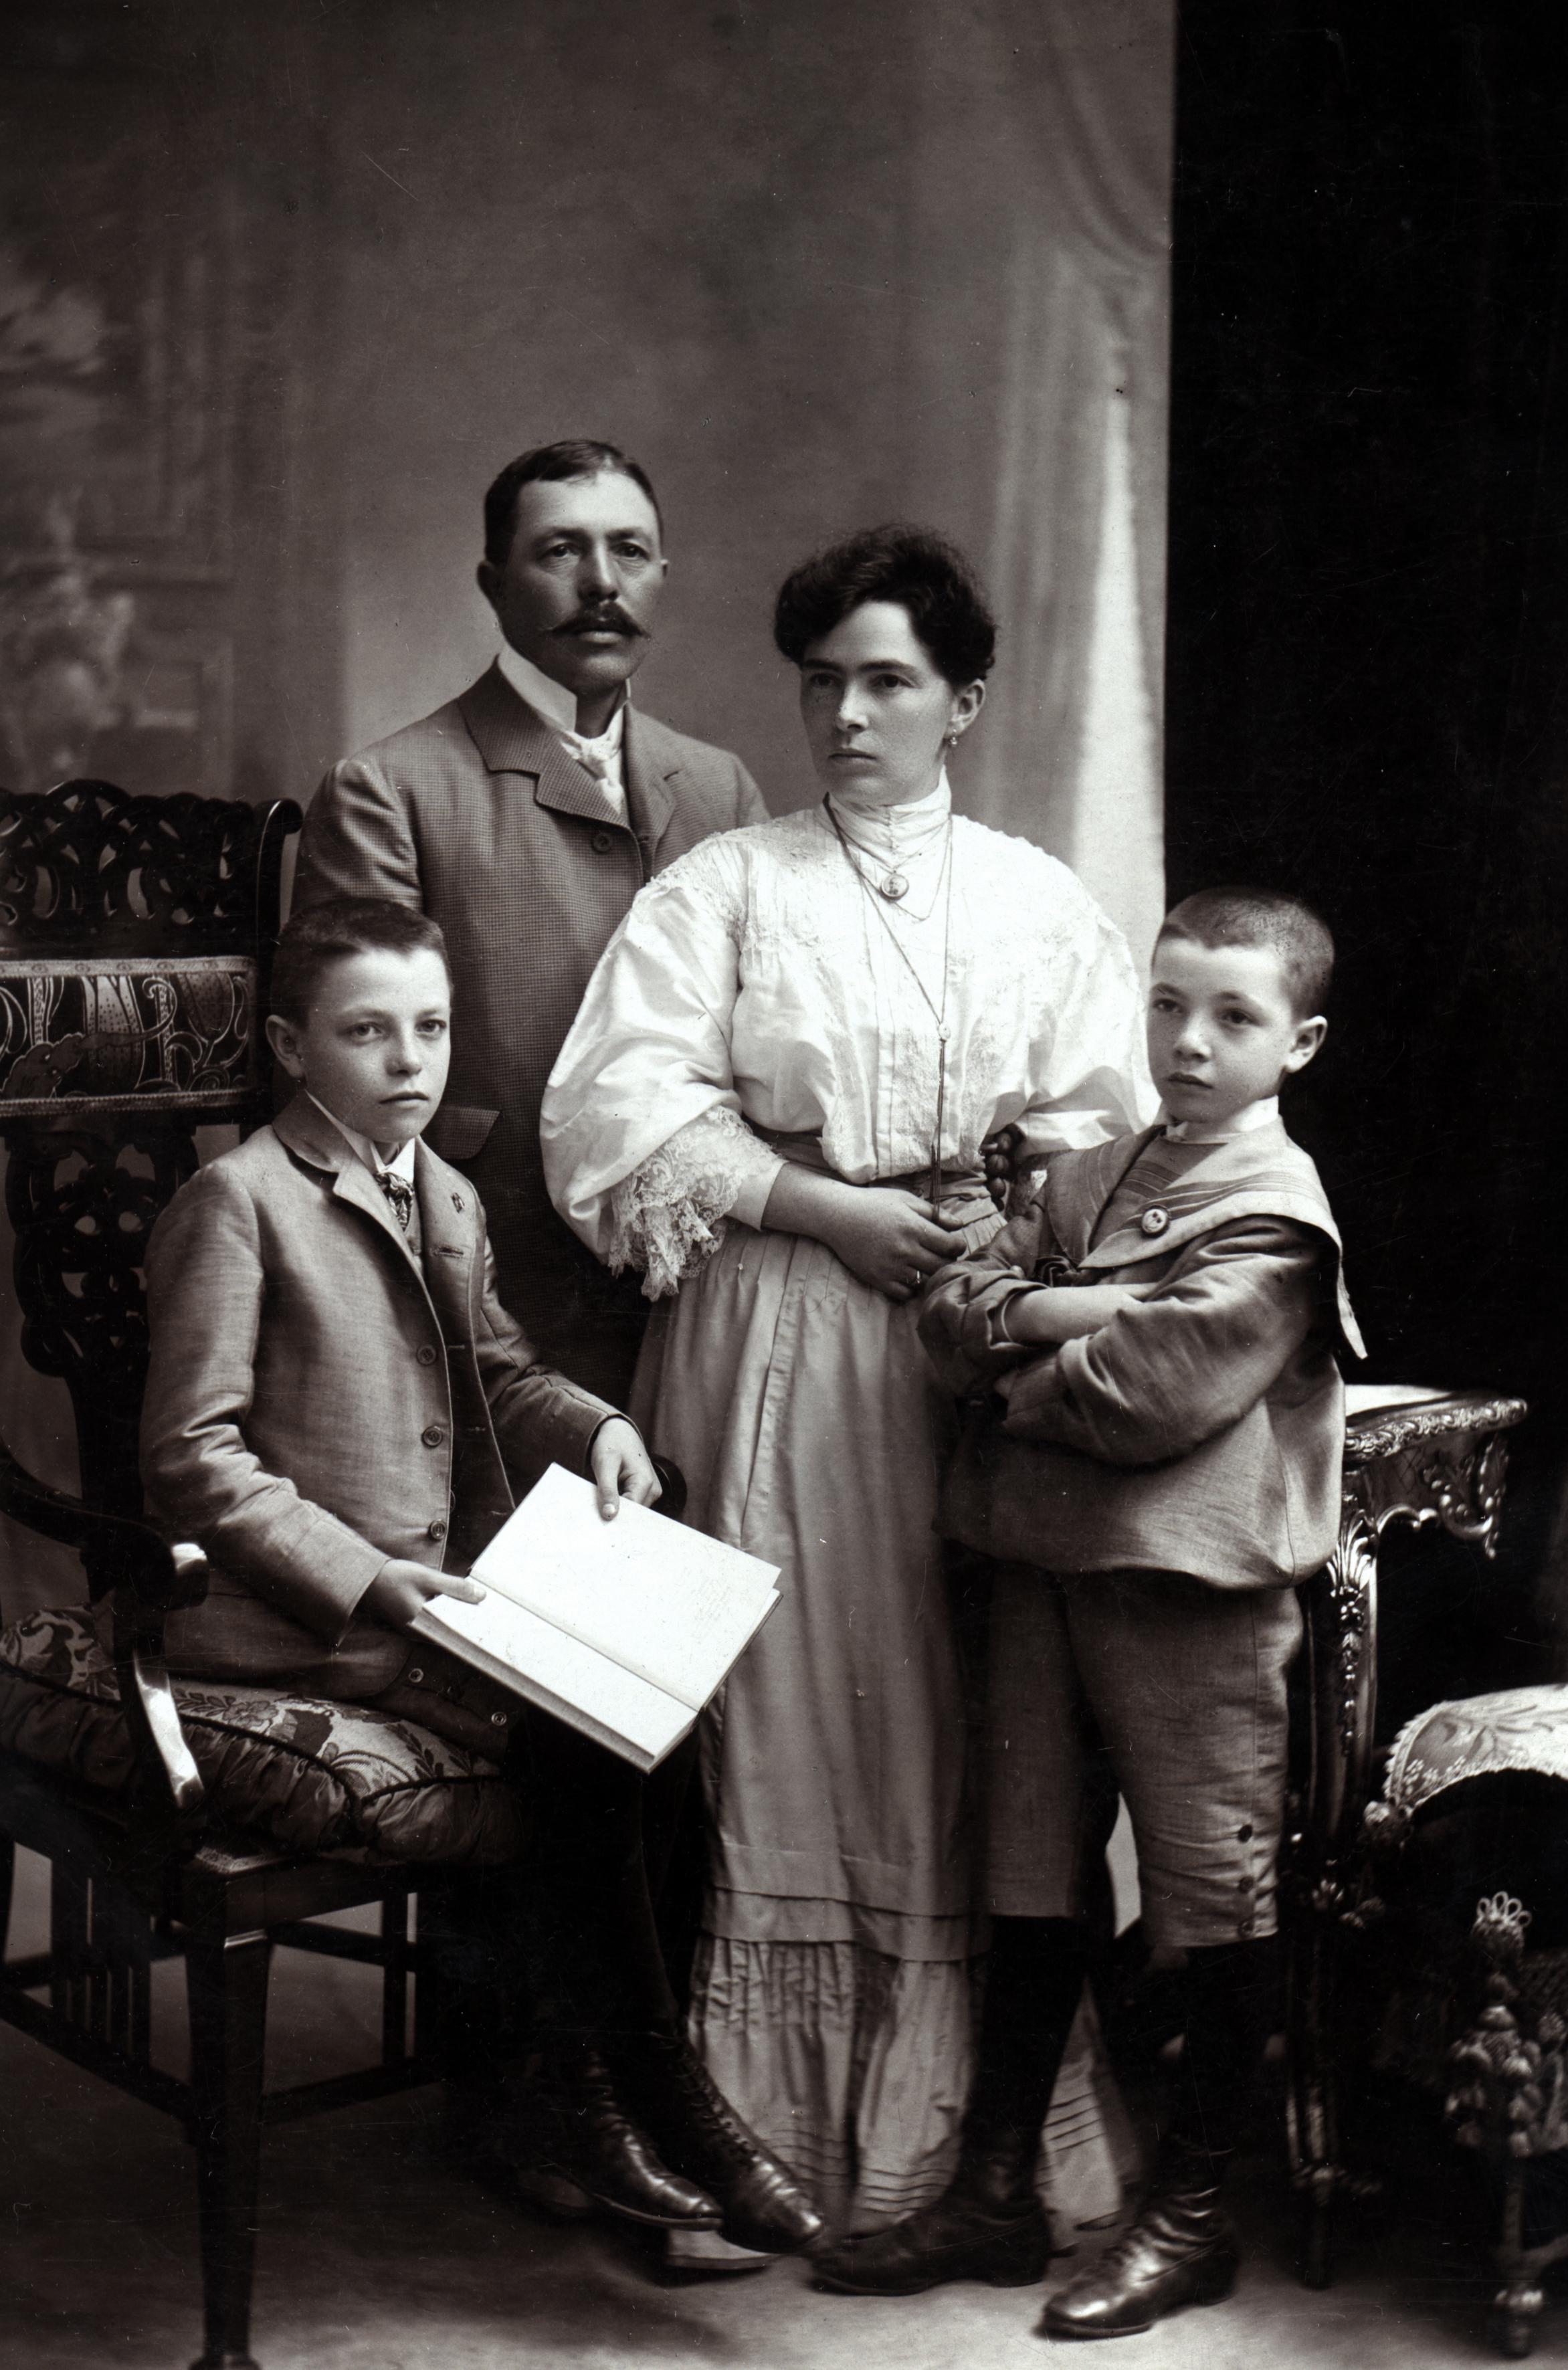 Albert Simko and Malvina Simkova with sons Otto and Artur